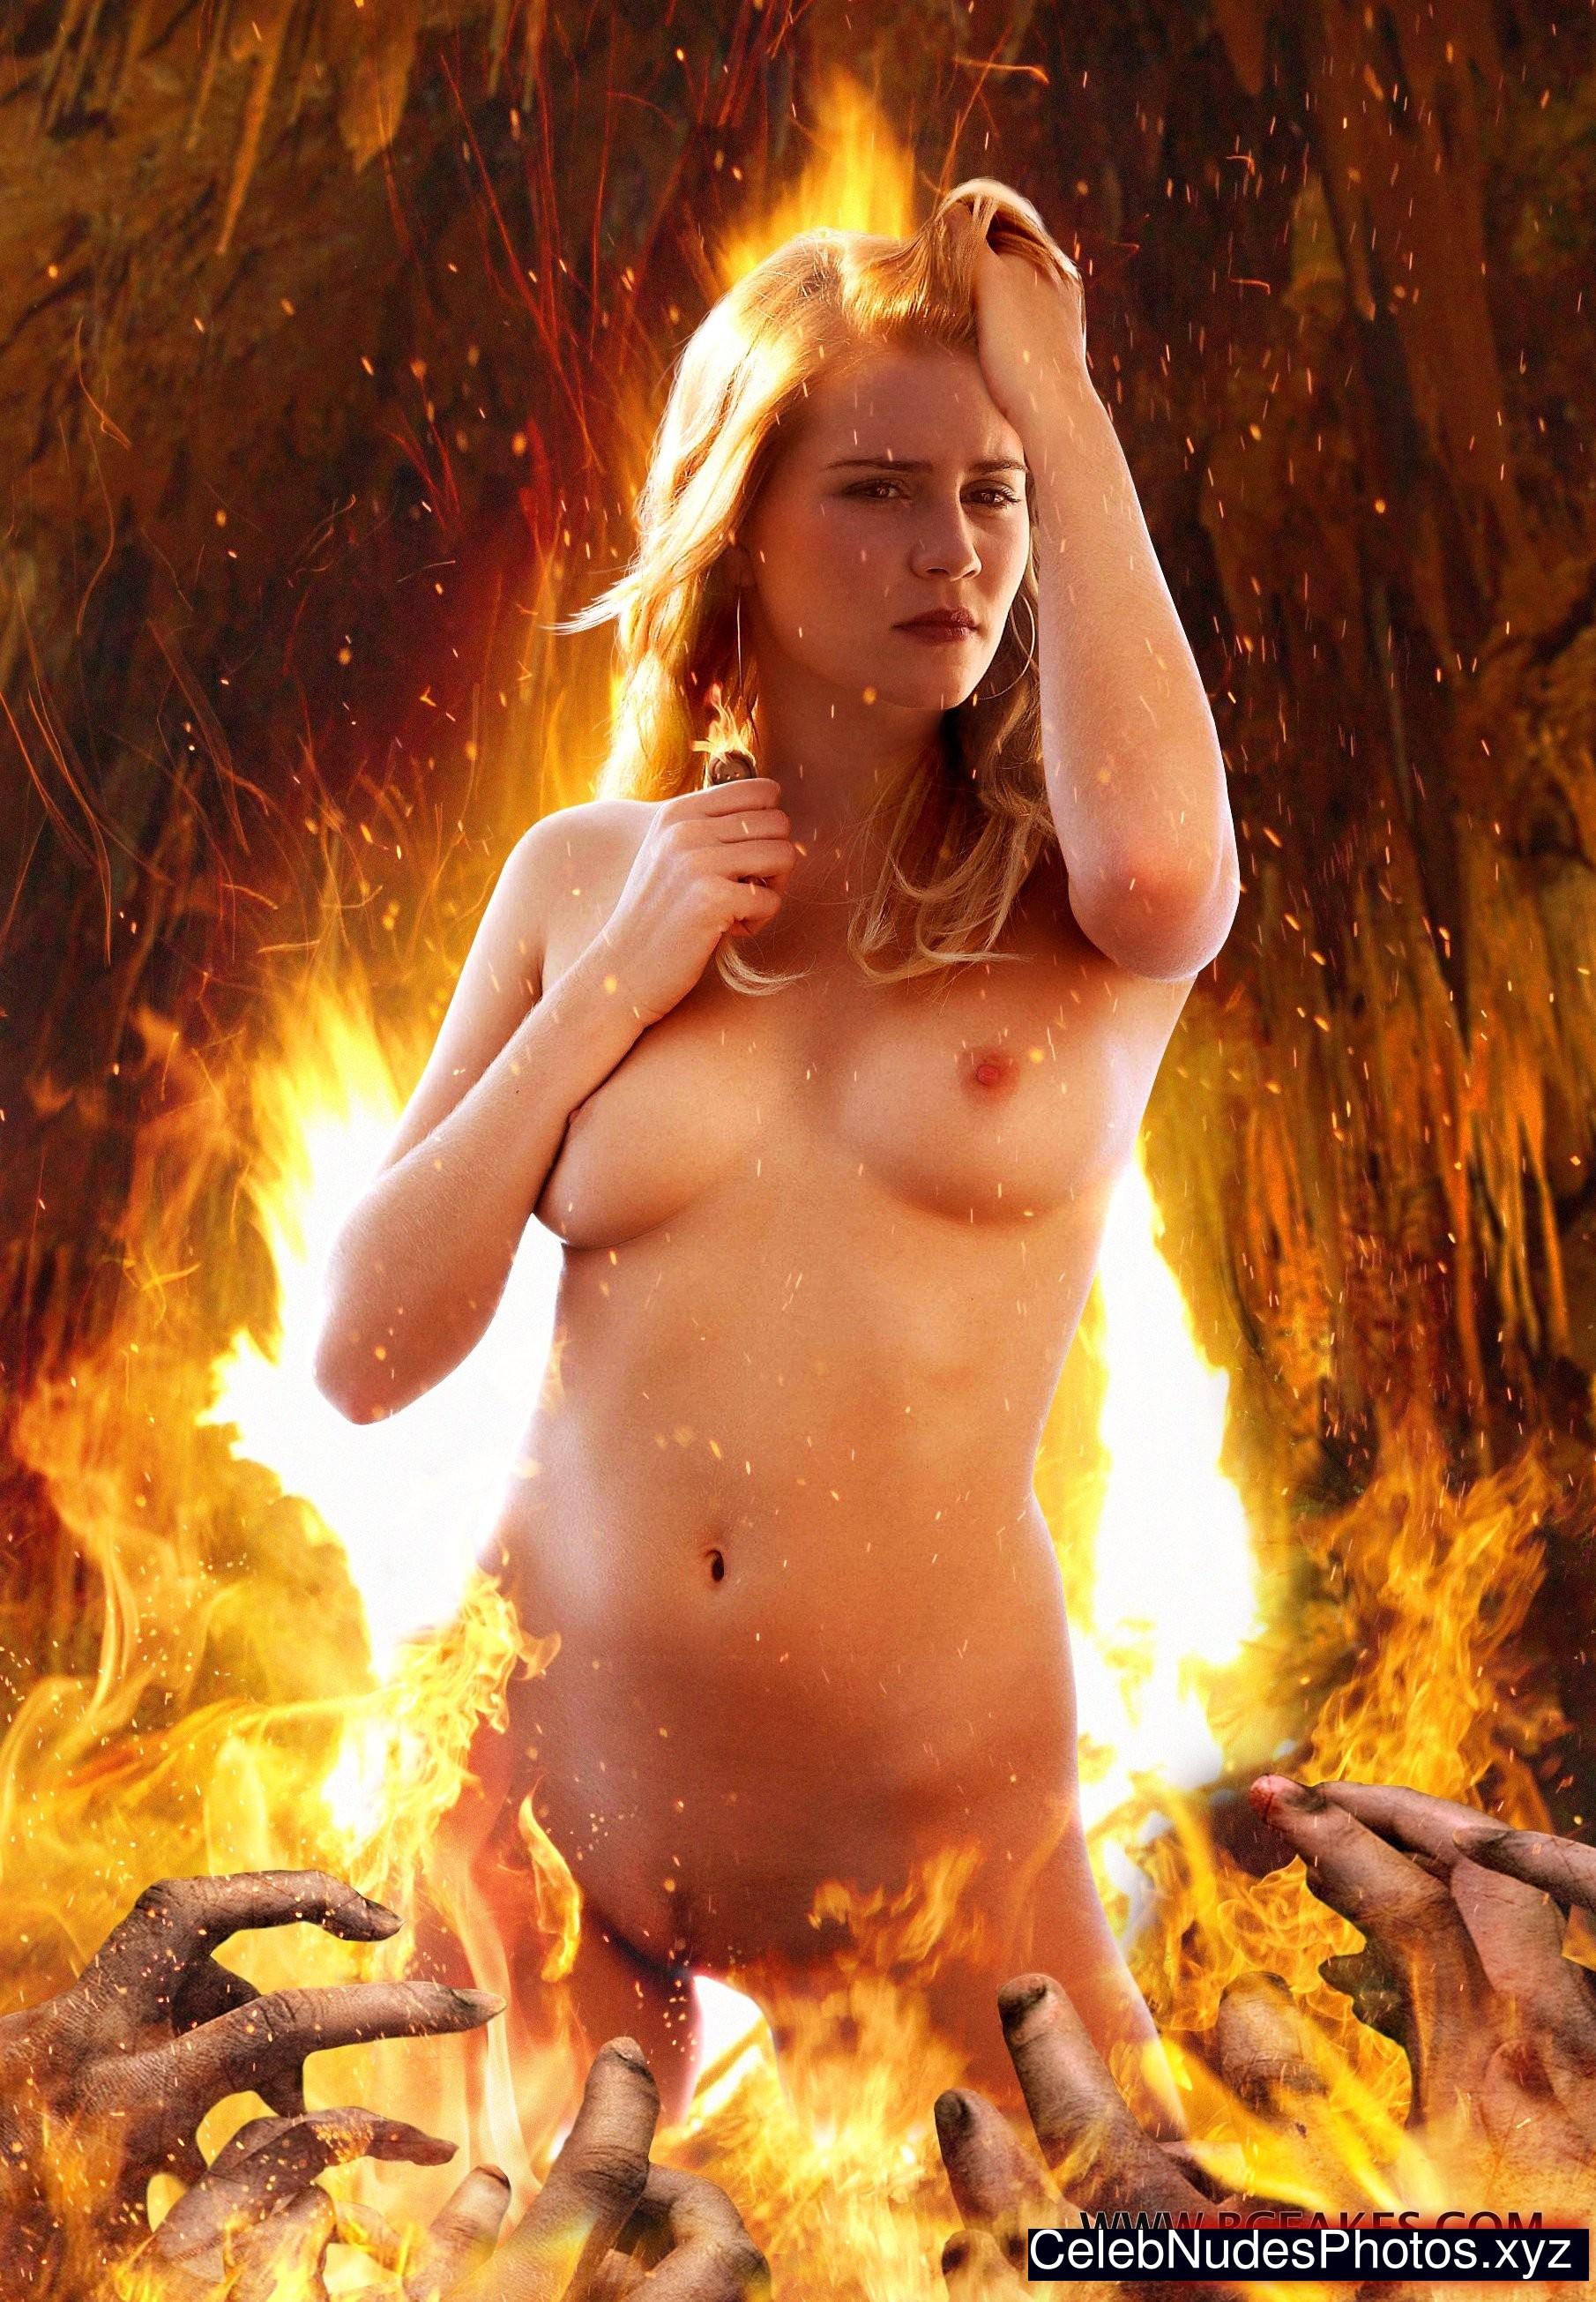 Alison Lohman celebrity nude pics